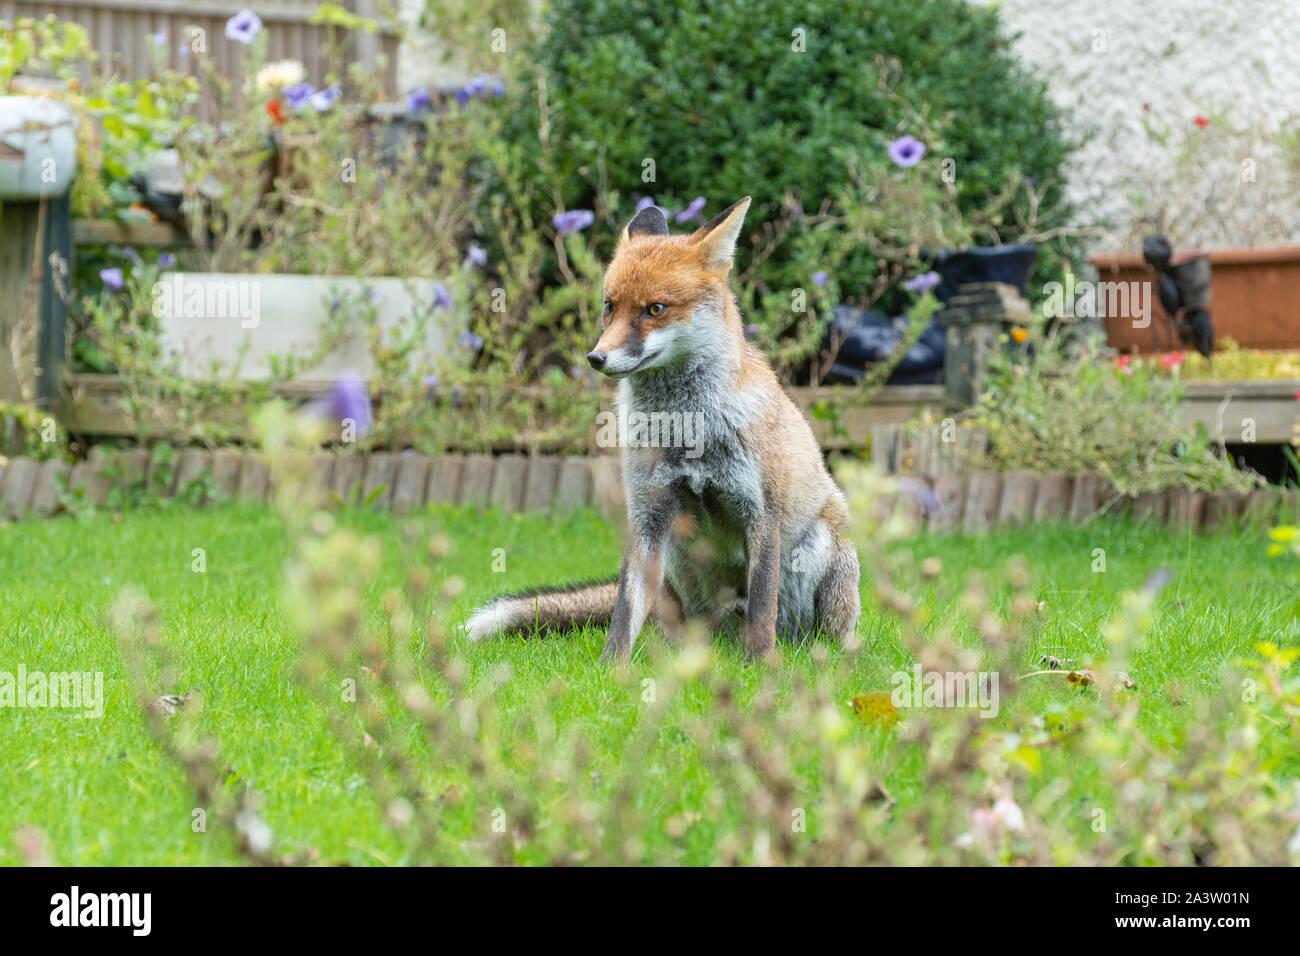 urban-fox-vulpes-vulpes-sitting-in-a-garden-uk-2A3W01N.jpg